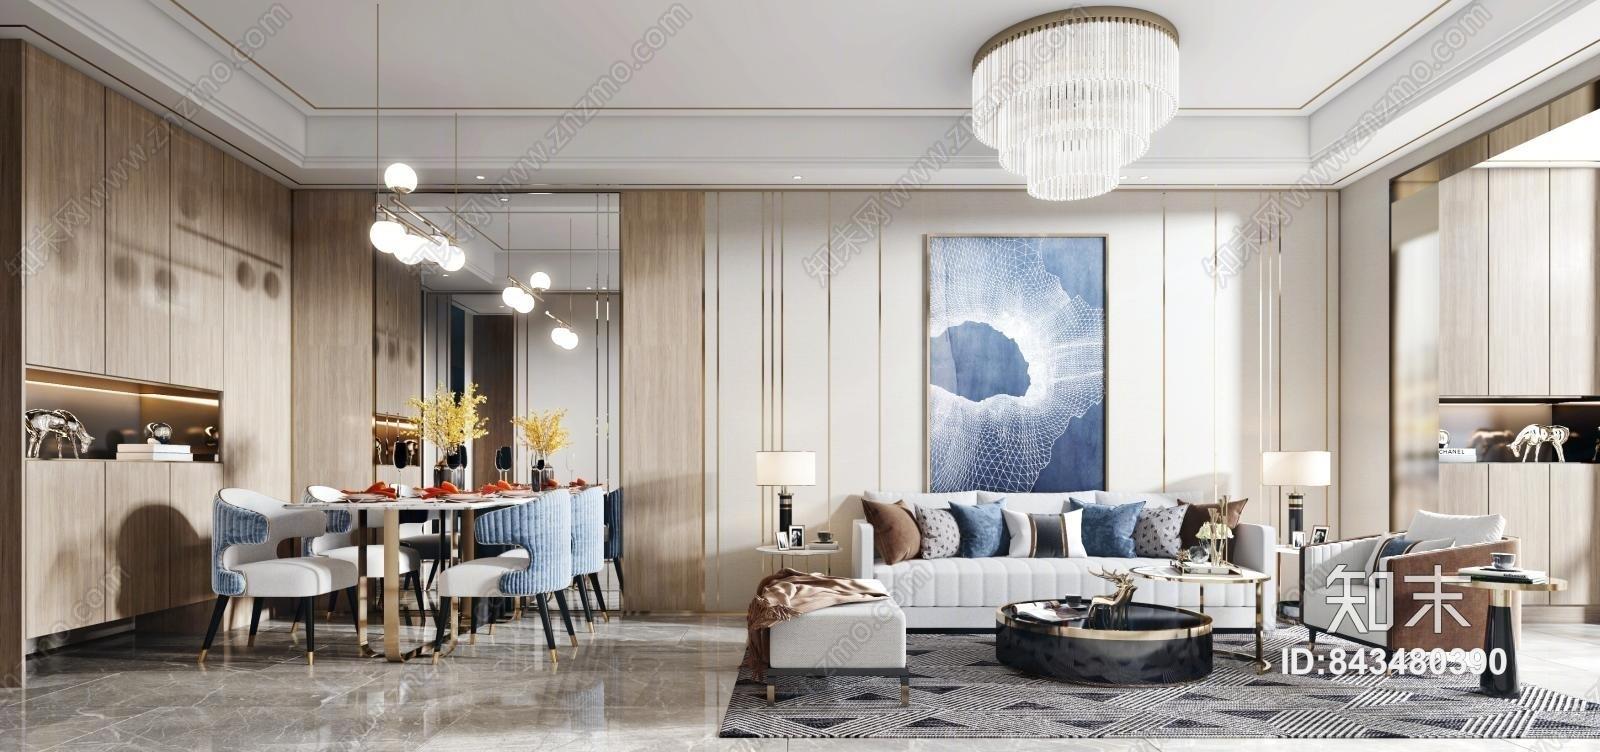 现代轻奢客餐厅 轻奢客厅沙发茶几组合 现代轻奢餐桌椅组合